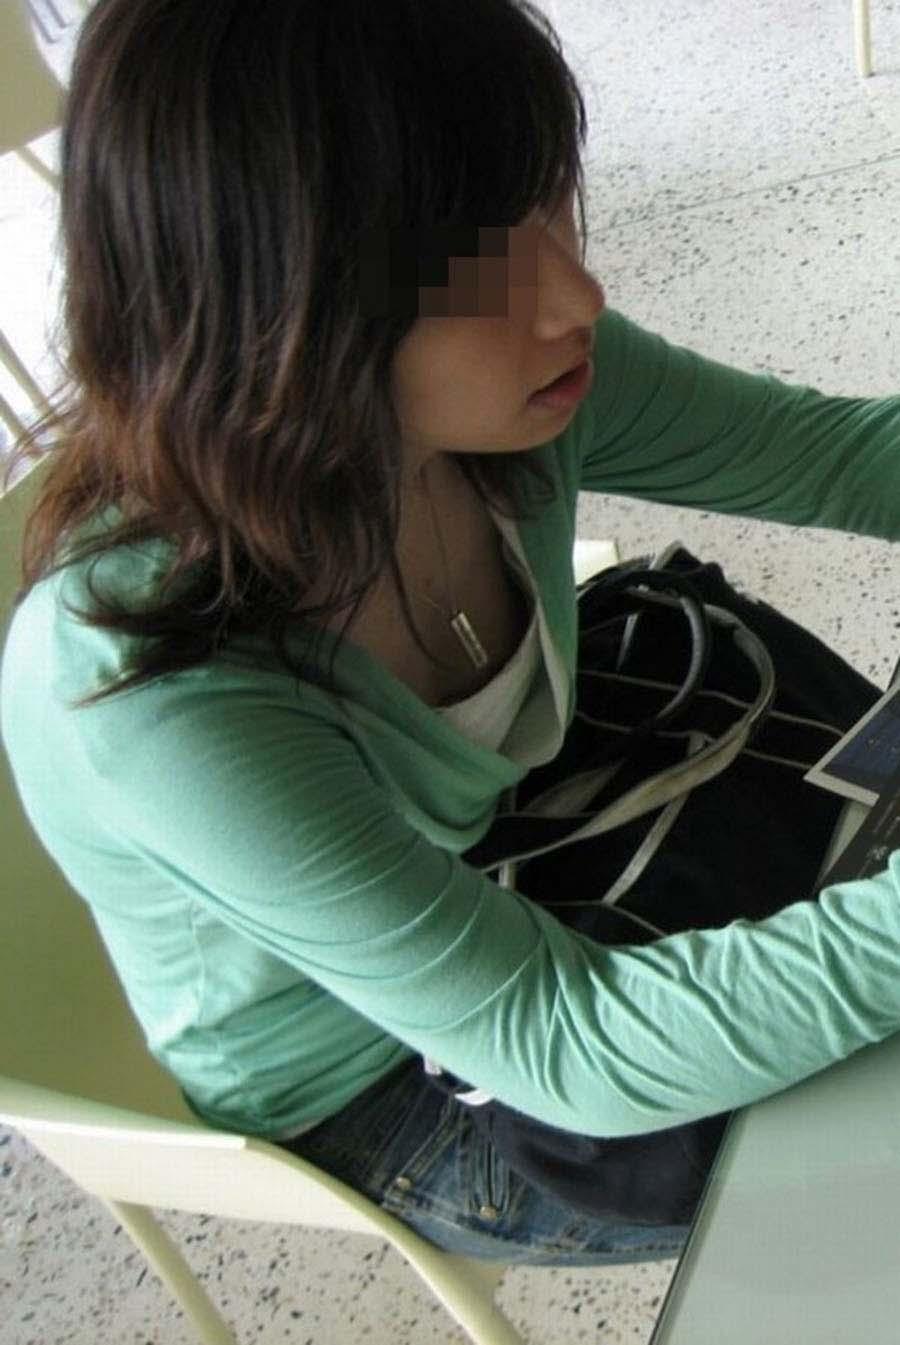 おっぱいの谷間や乳首がチラ見えしてる素人さん (13)